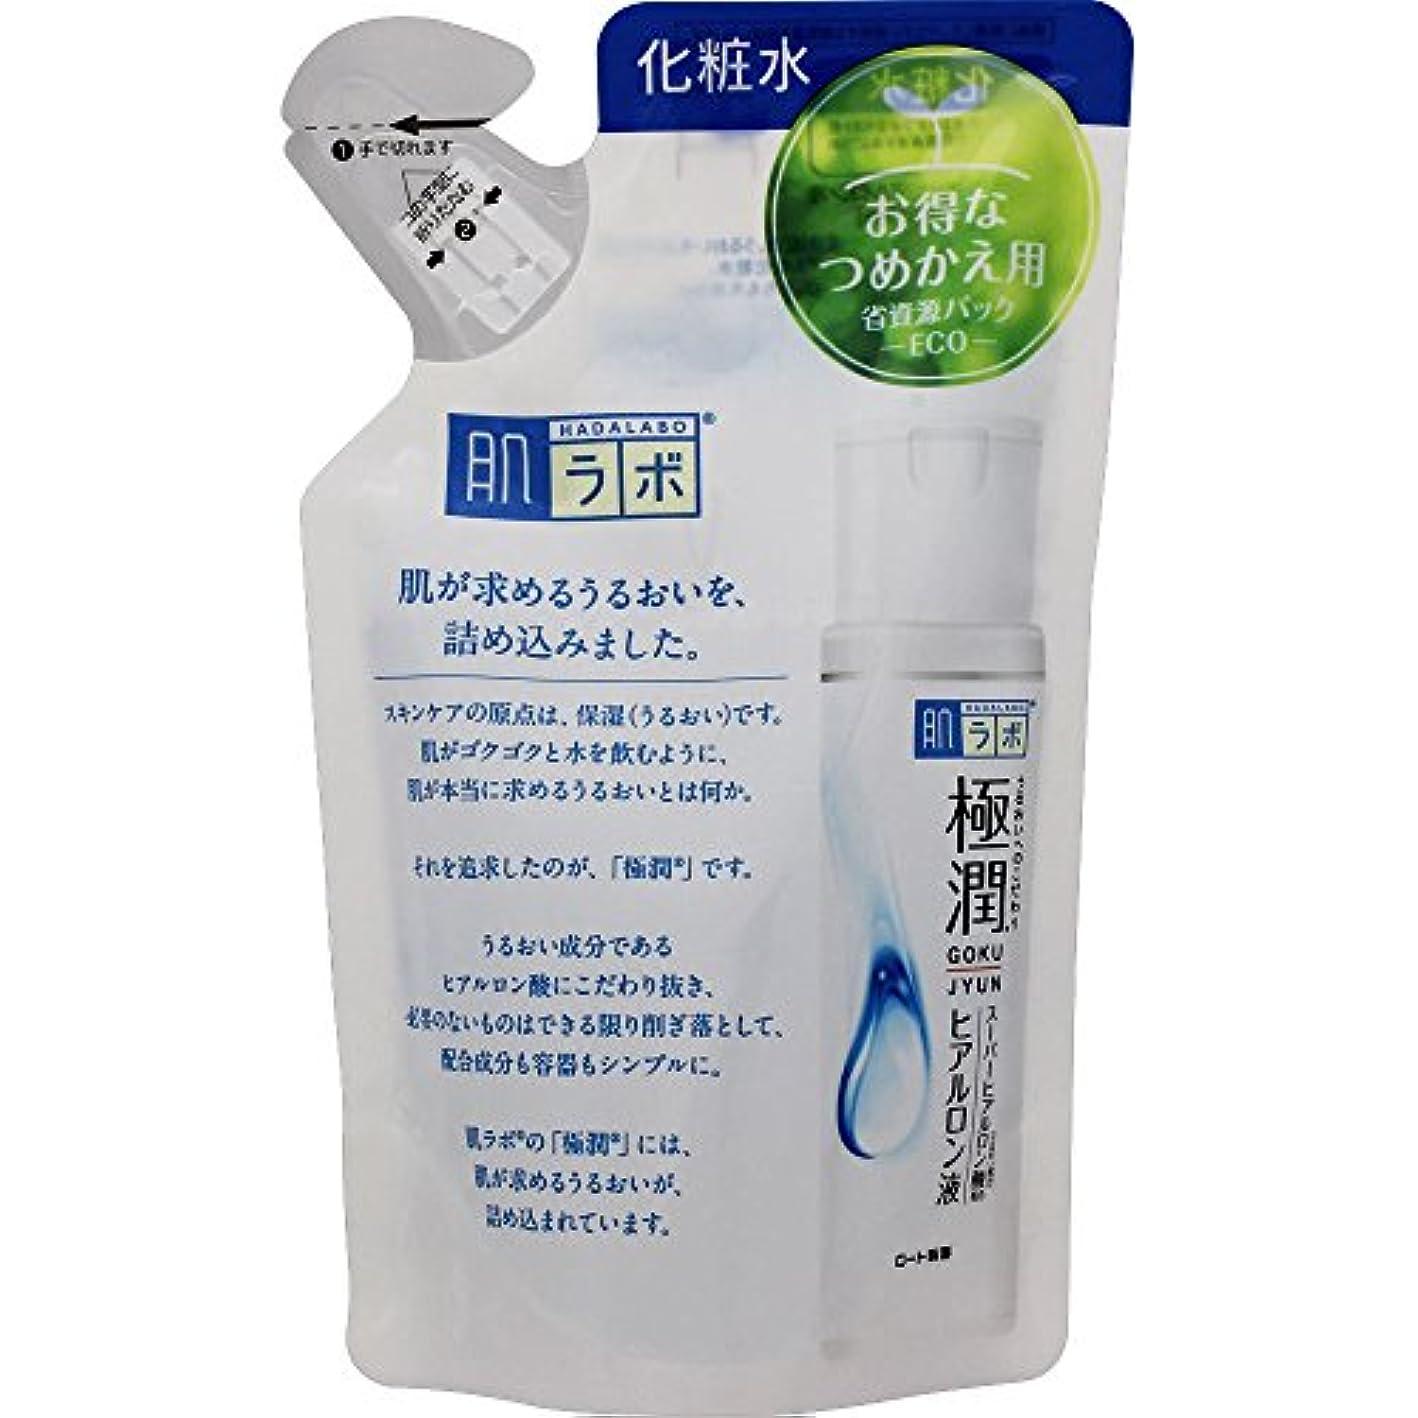 農場いつも違反肌ラボ 極潤 ヒアルロン酸 化粧水 ヒアルロン酸3種配合 詰替用 170ml